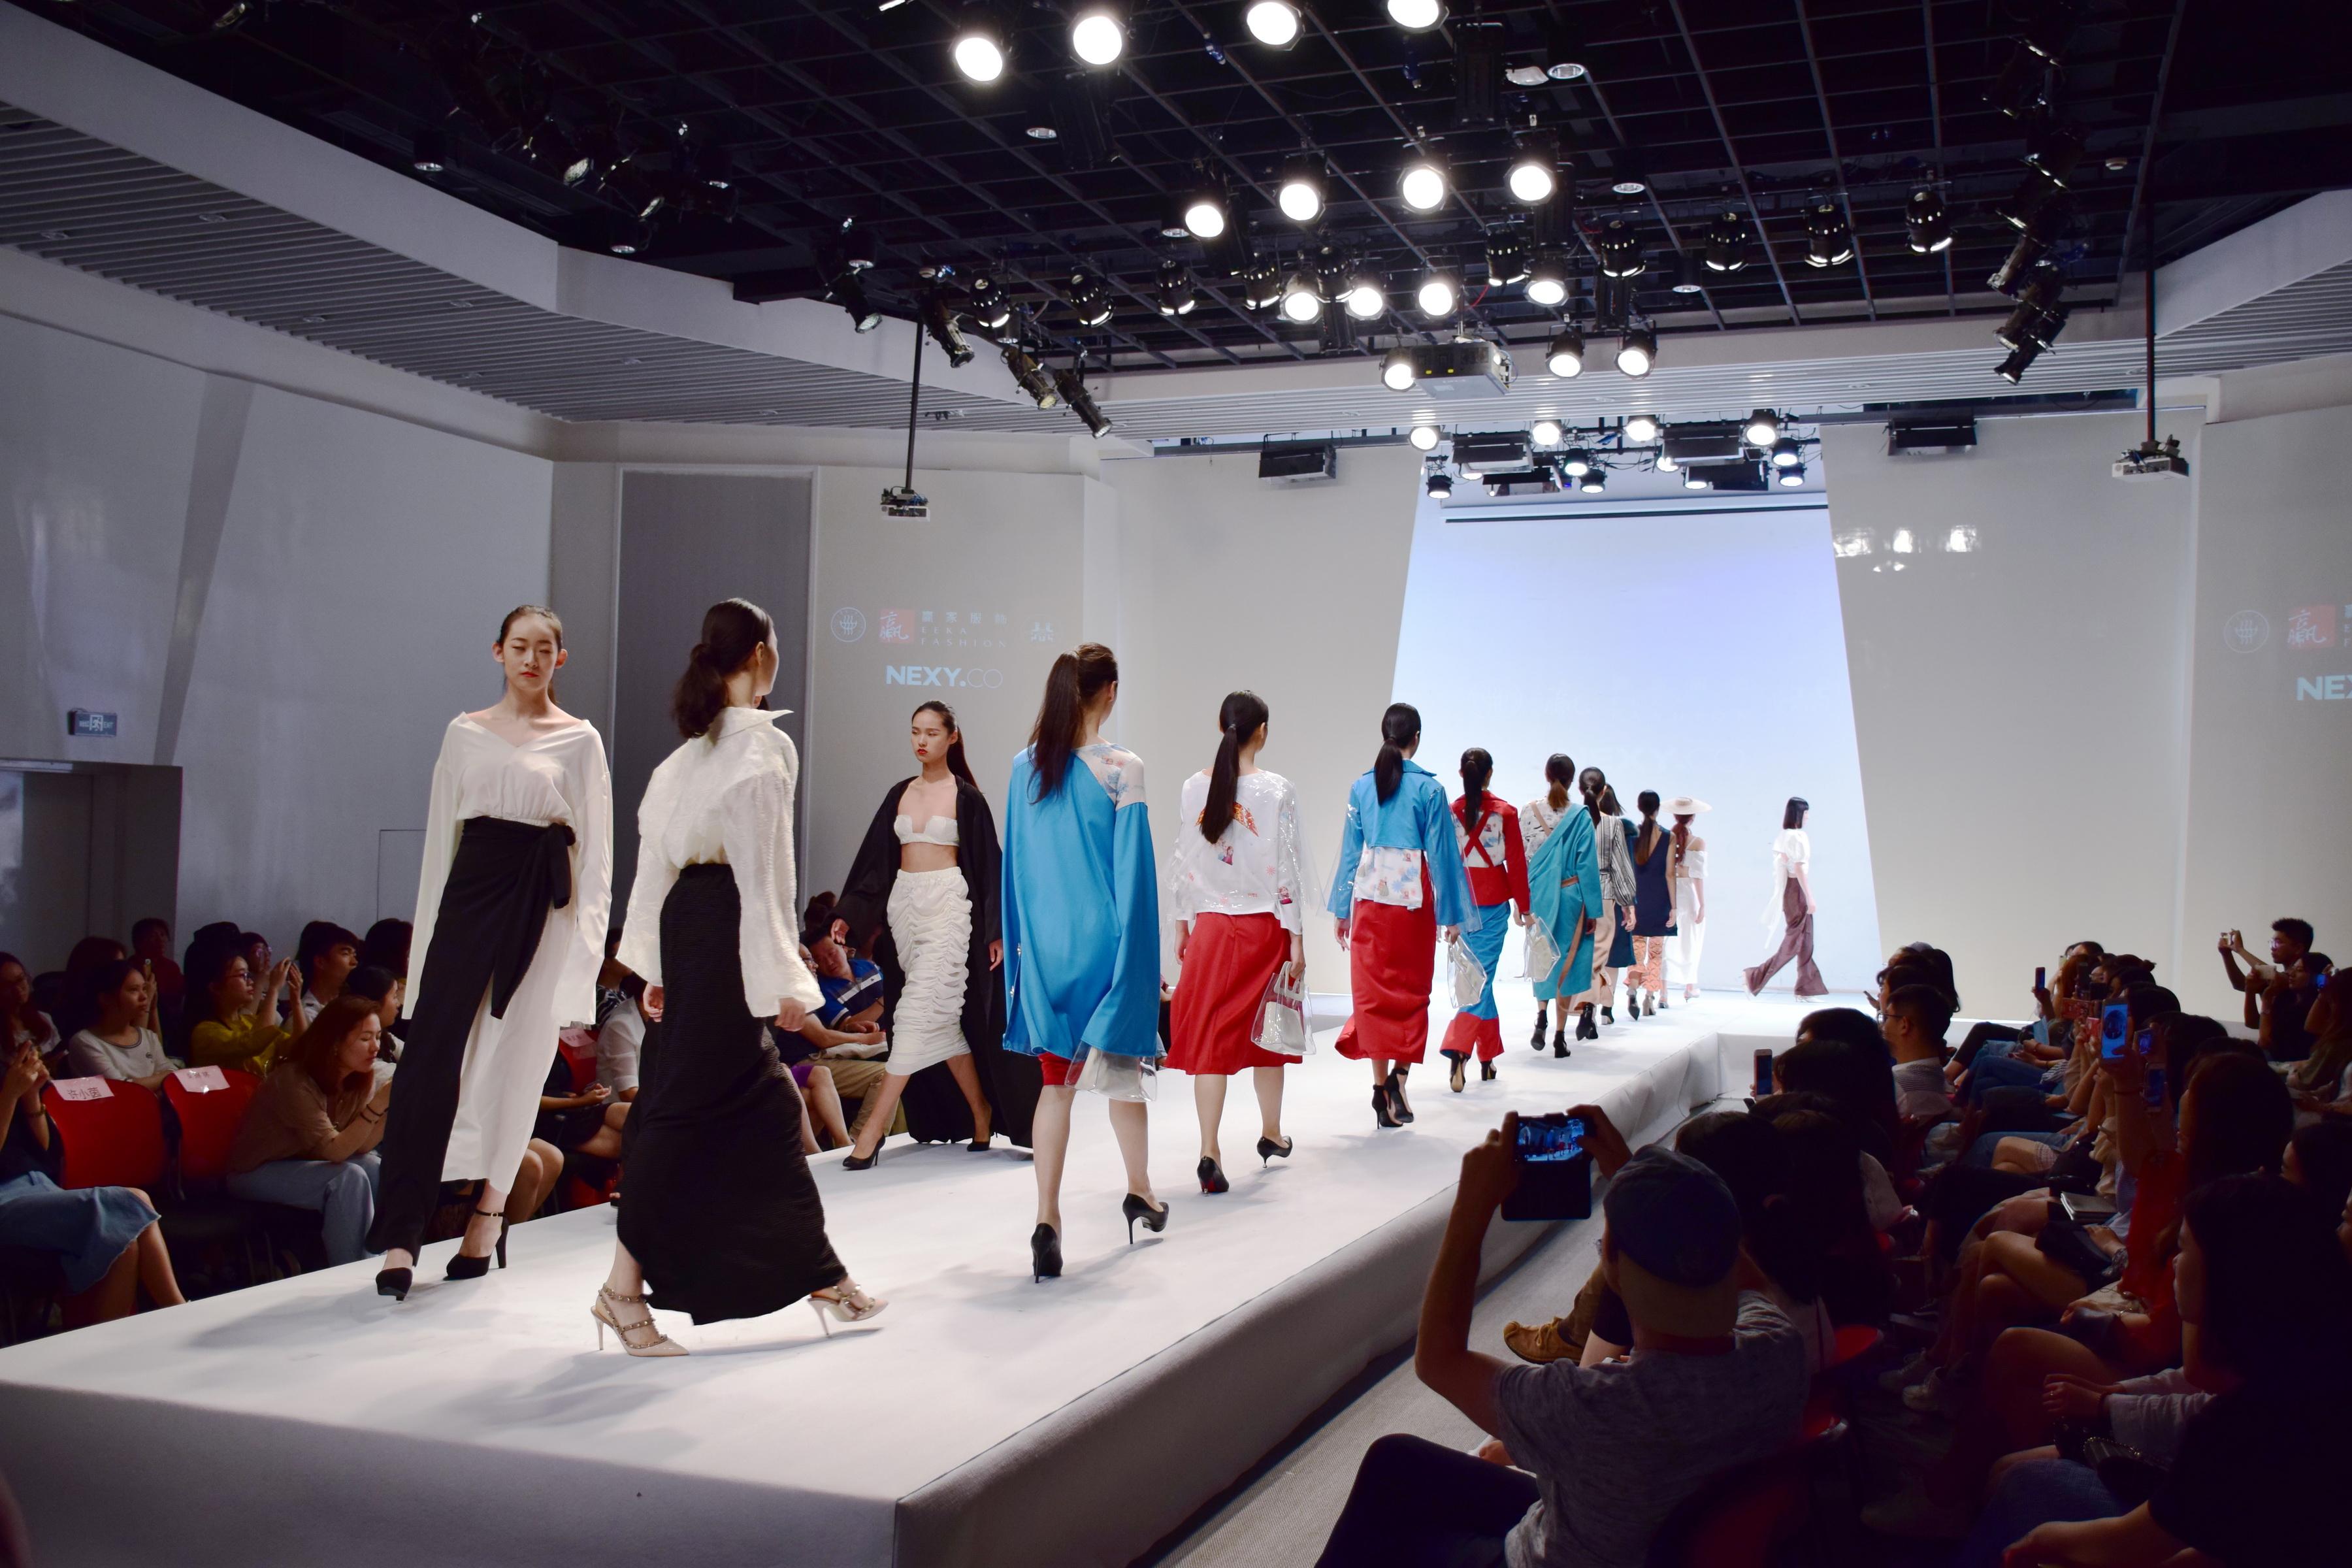 本次大赛是东华大学服装与艺术设计学院专门针对有设计师梦想和创立